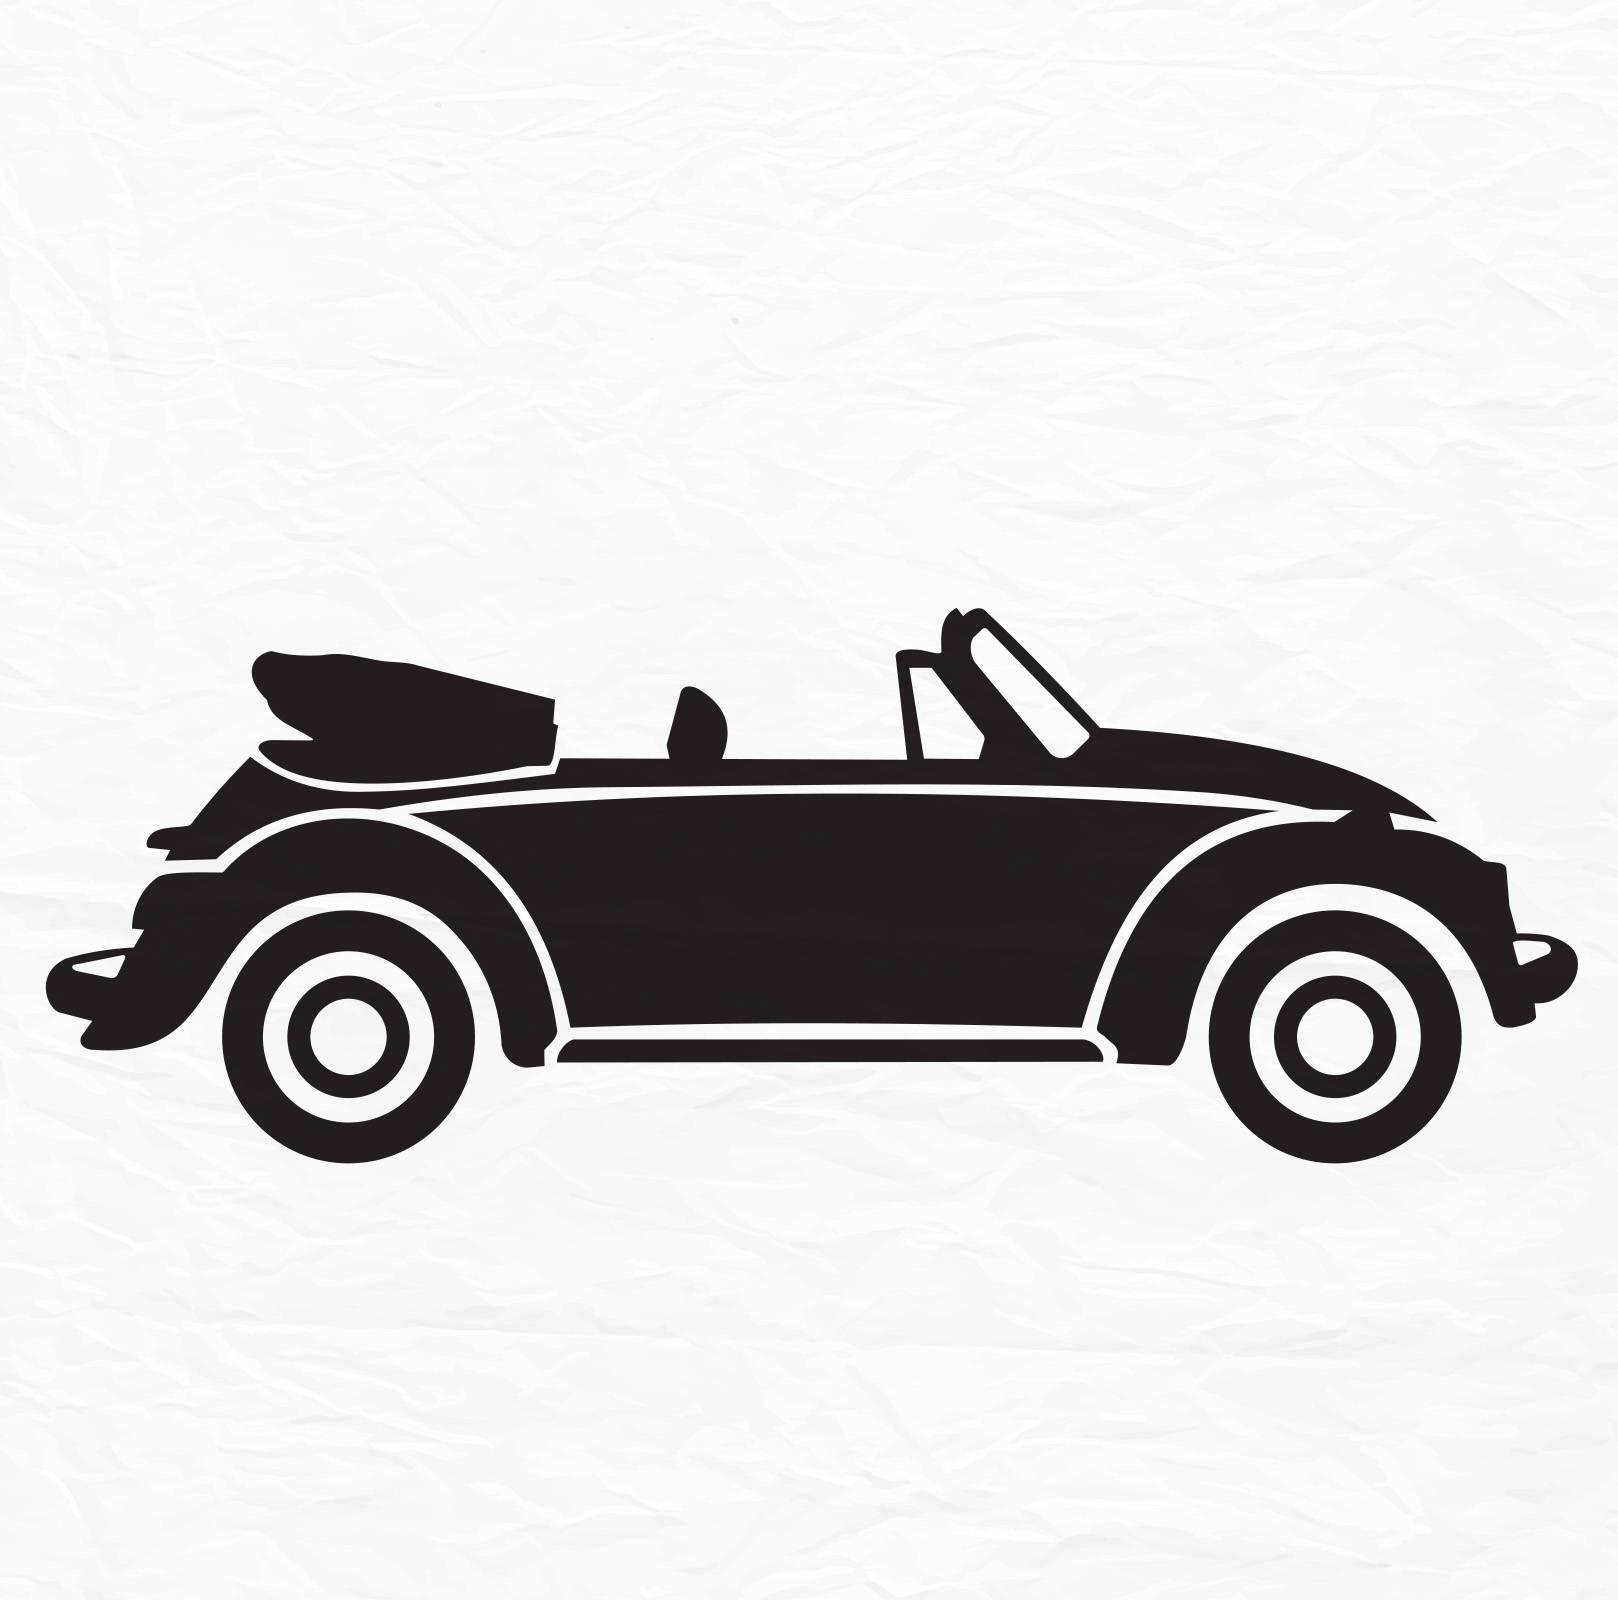 Download VW Beetle SVG File, Convertible, VW Bug svg File -Vector ...